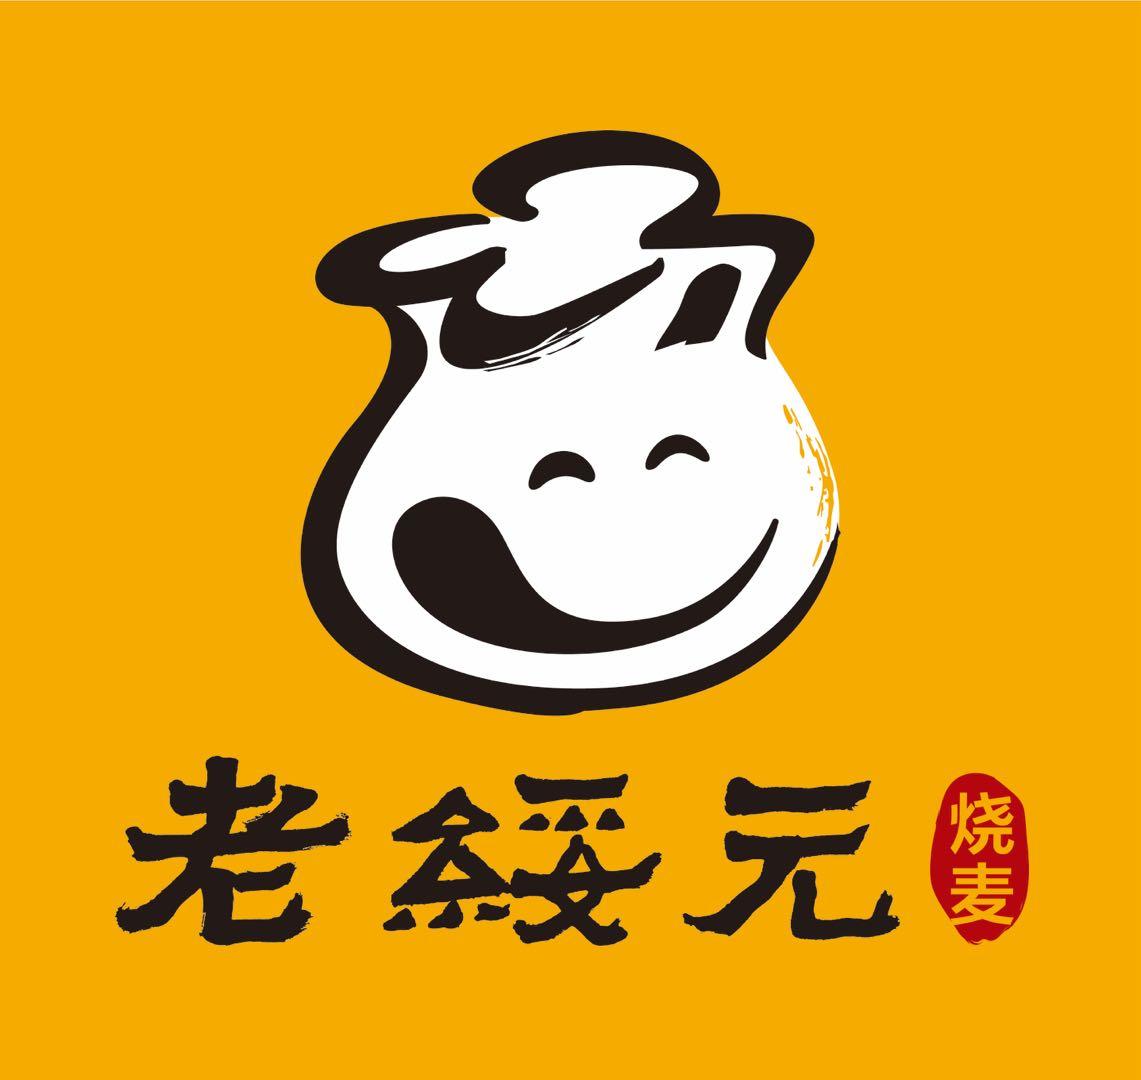 北京烧麦加盟排行-烧麦加盟品牌怎么样-烧麦加盟品牌服务